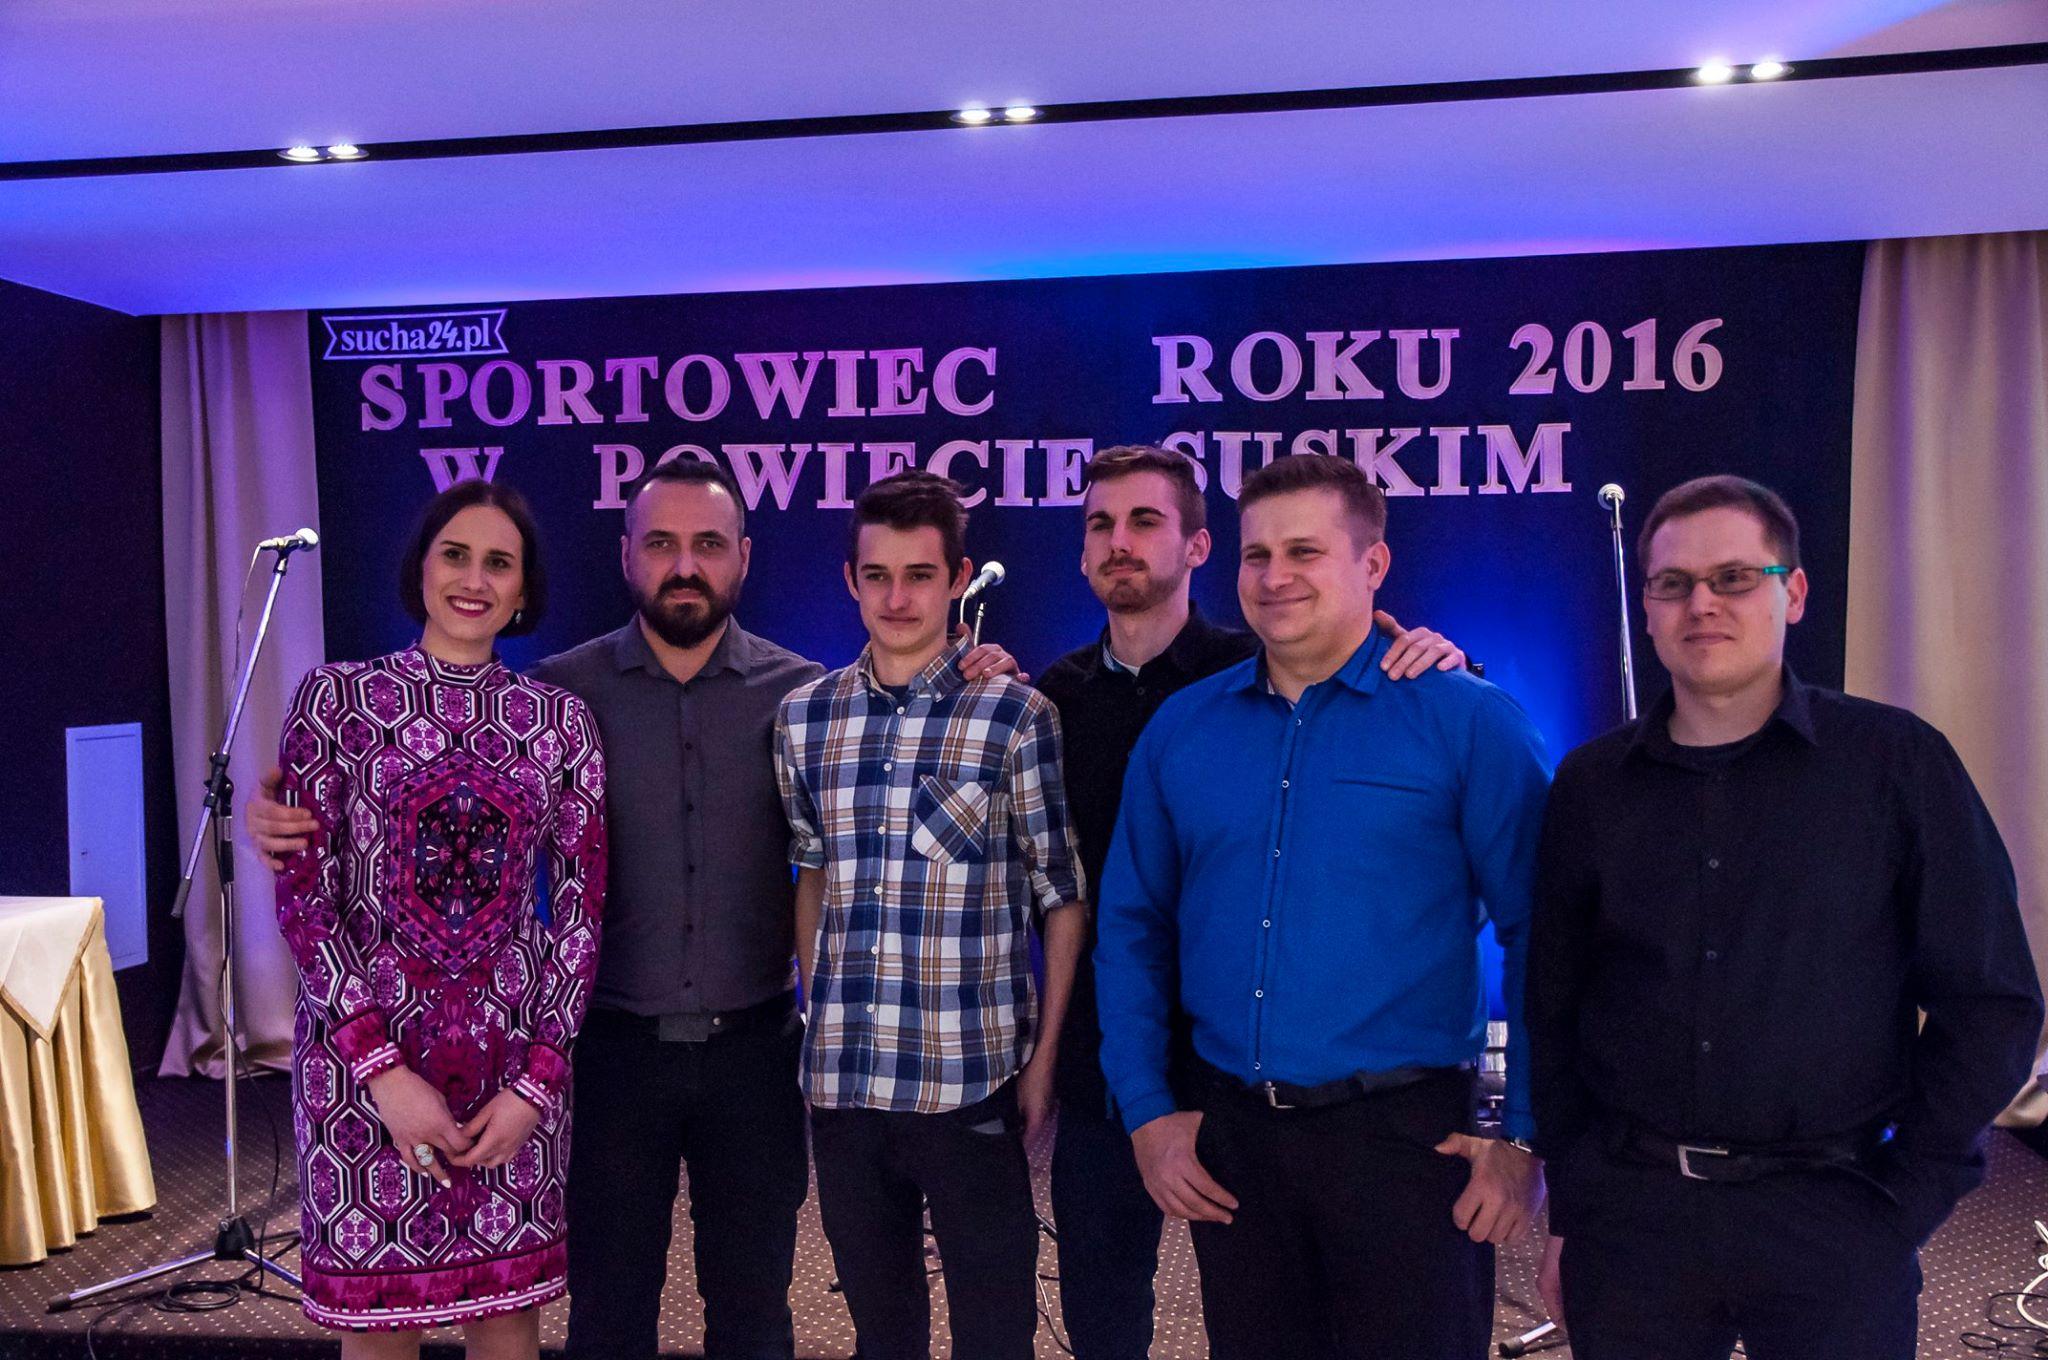 Sportowiec roku 2016 w Powiecie Suskim, Paka Band